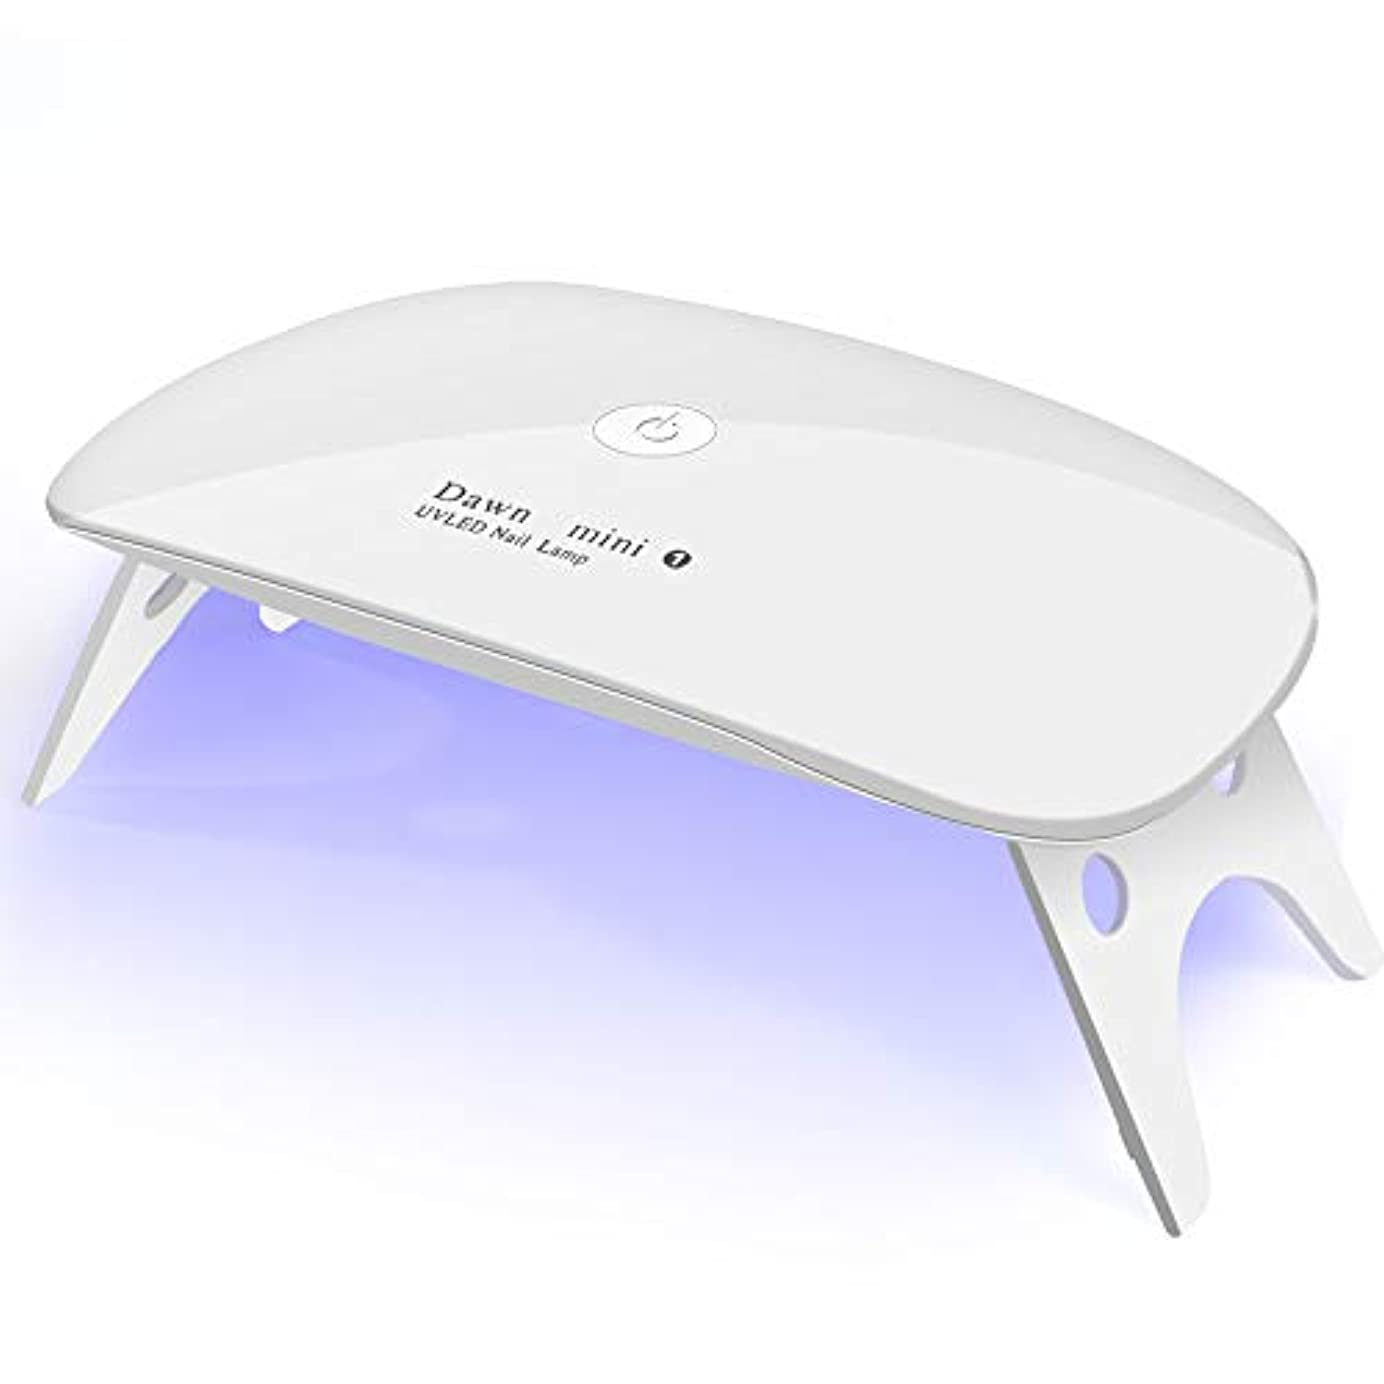 リーフレット公愛するUVライト LEDネイルドライヤー ジェルネイルLEDライト 硬化ライト タイマー設定可能 折りたたみ式手足とも使える 人感センサー式 UV と LEDダブルライト ジェルネイル用 (ホワイト )